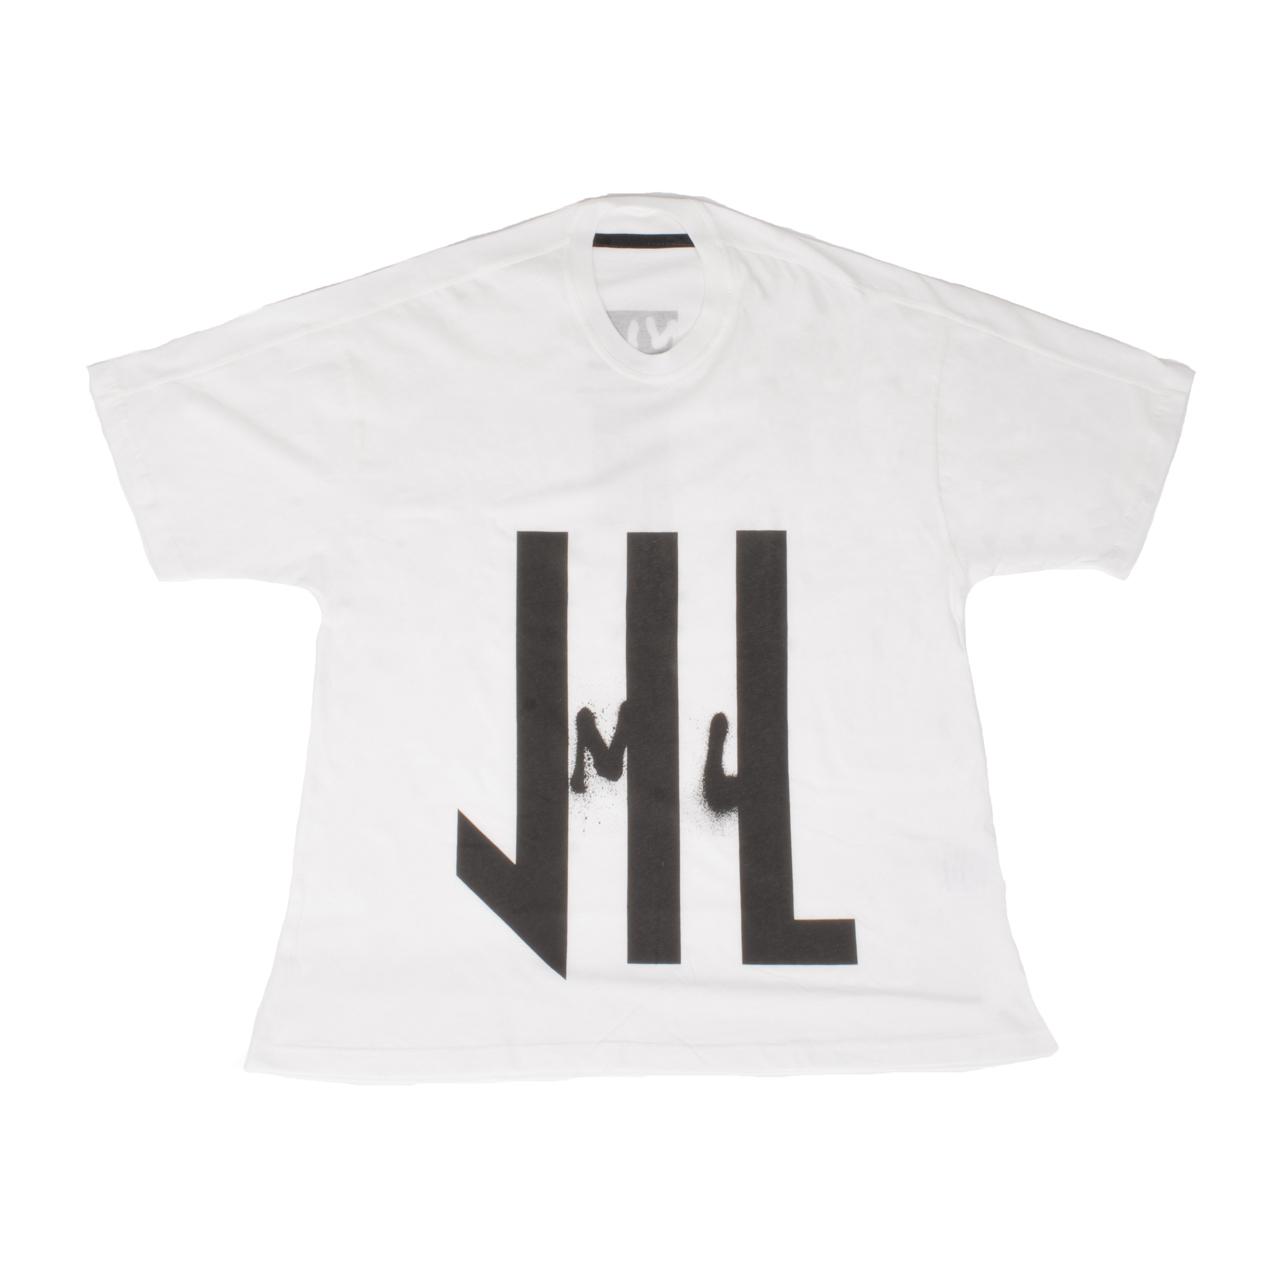 701CPM10-OFF / 家紋プリント Tシャツ